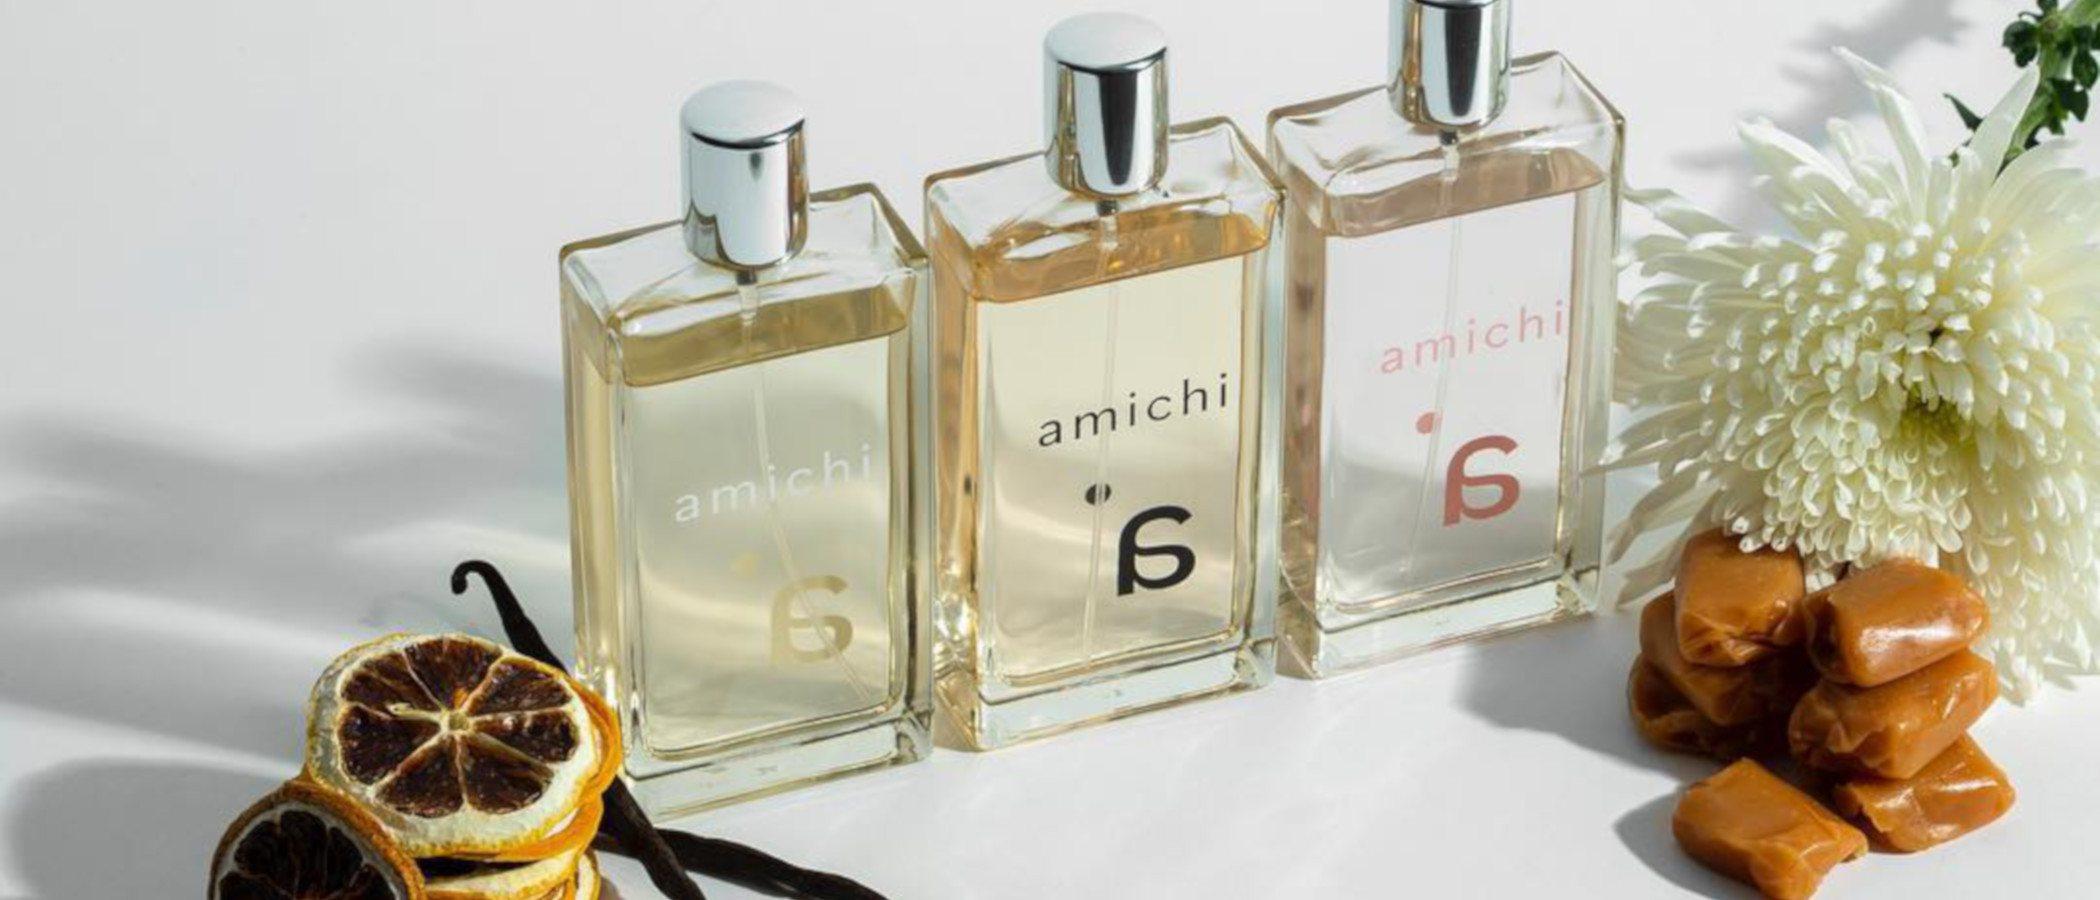 Amichi se suma a la lista de firmas que se ven obligadas a entrar en liquidación